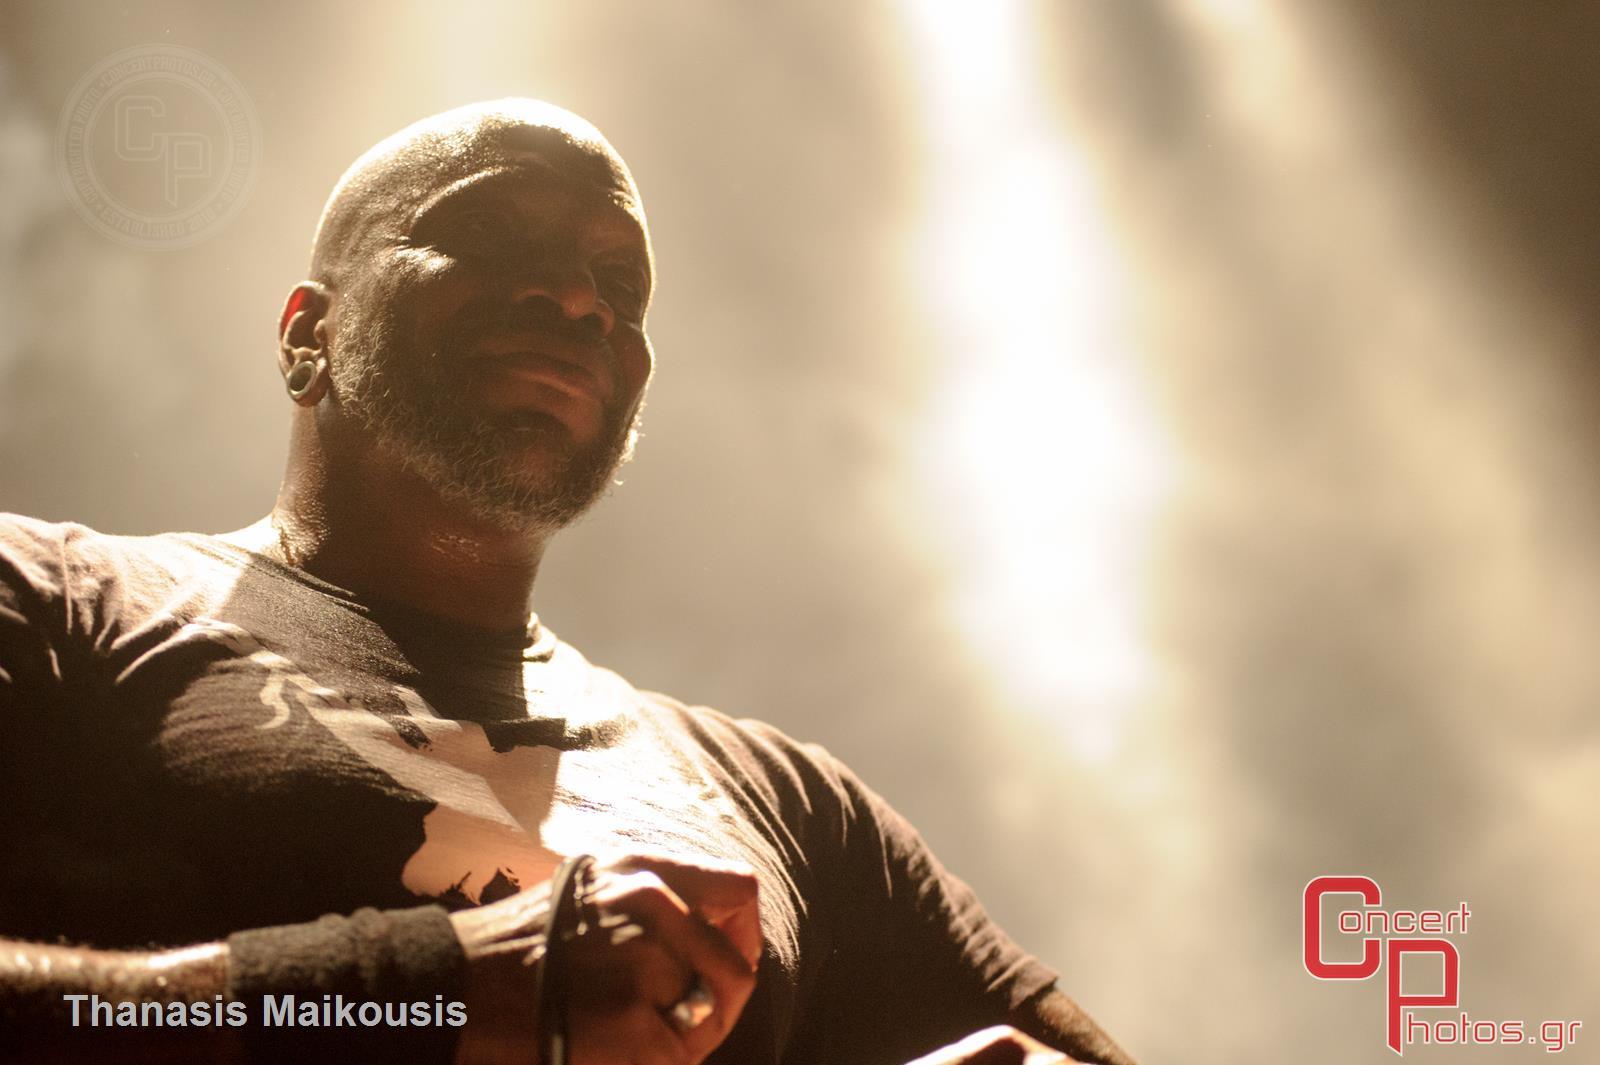 Sepultura-Sepultira photographer: Thanasis Maikousis - concertphotos_20140703_22_14_21